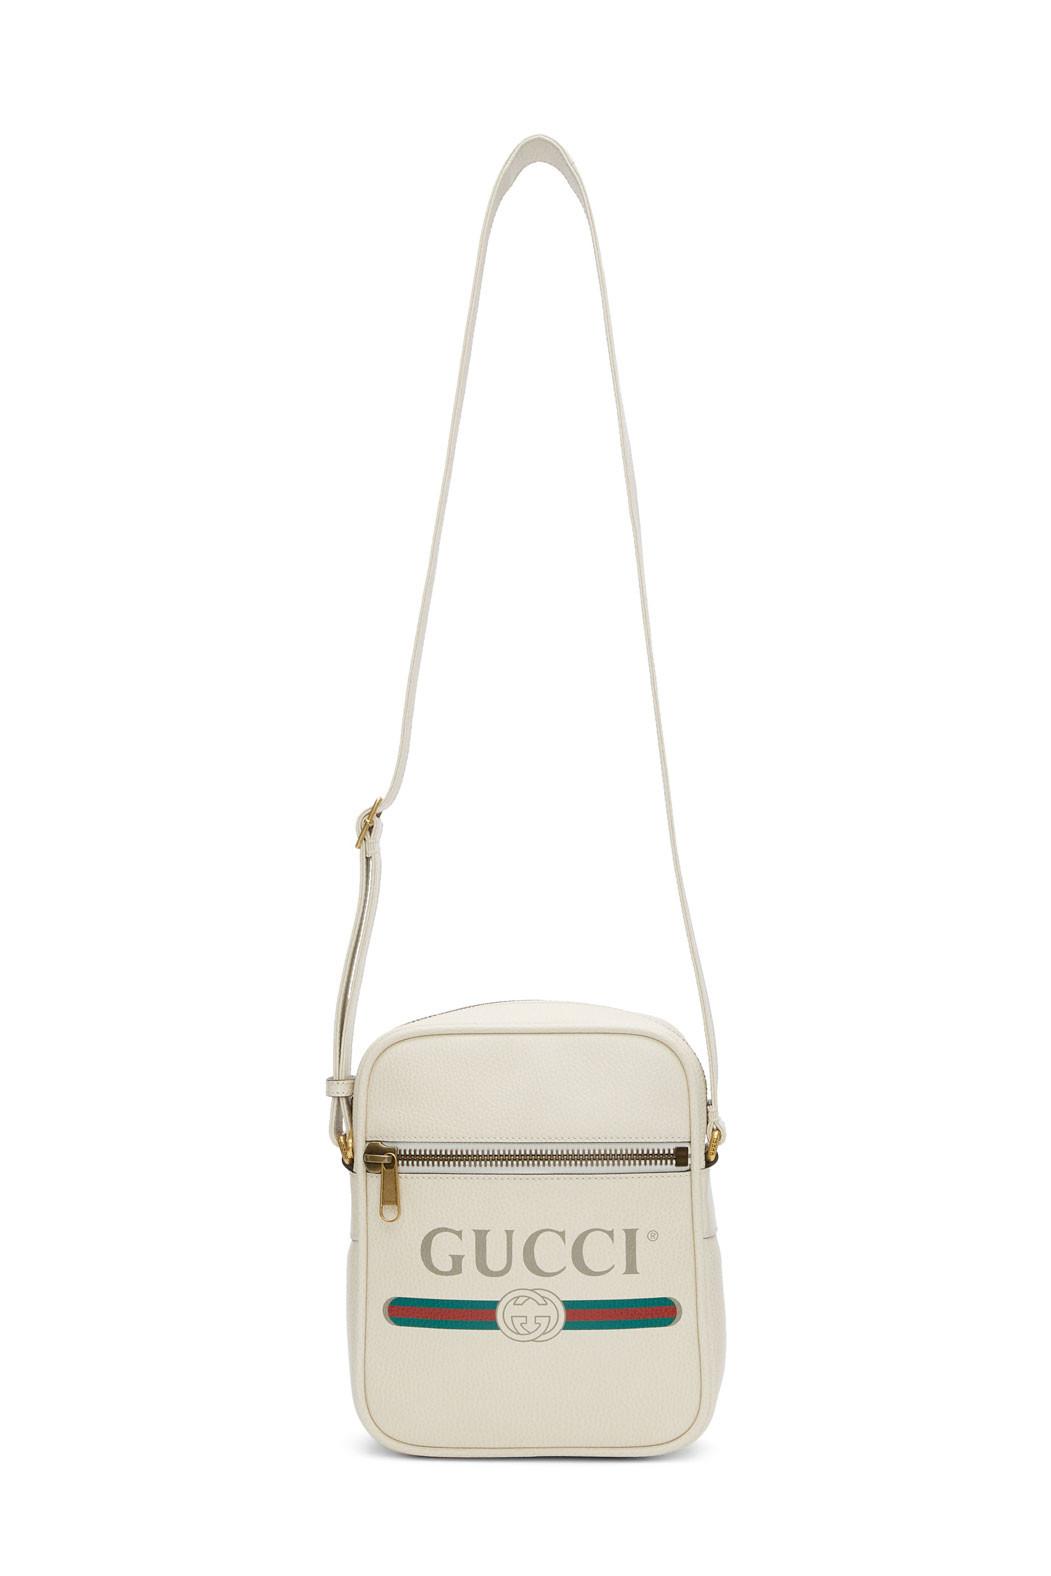 gucci-logo-ivory-messenger-bag-release-01